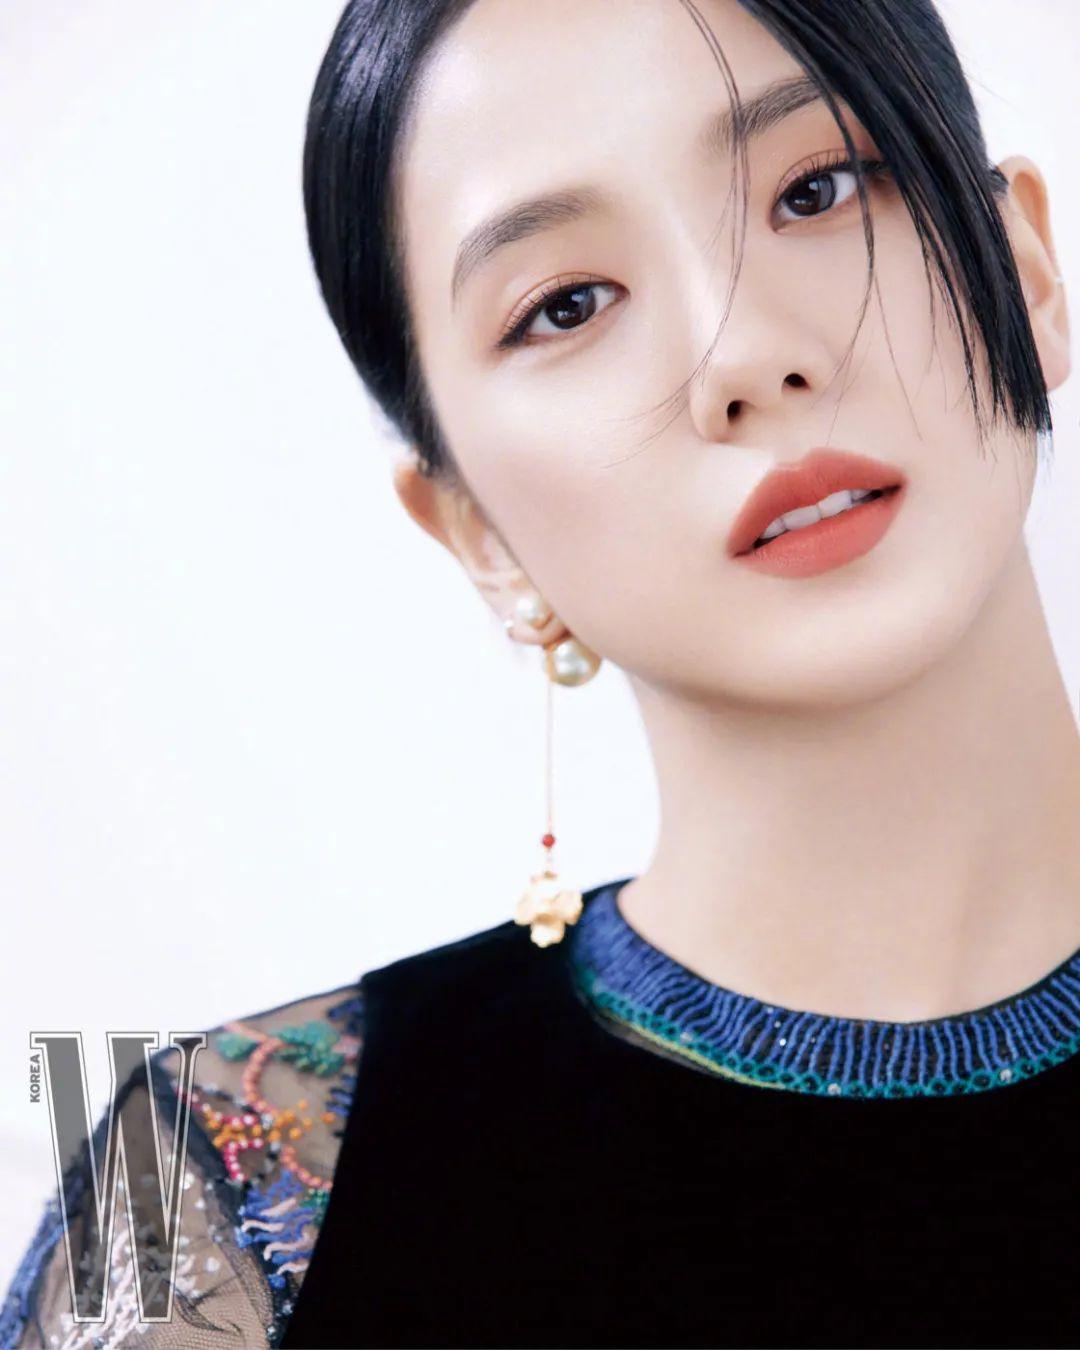 妹子写真 -年轻版林青霞和韩国美女金智秀,你更喜欢哪位呢?_图片 No.13